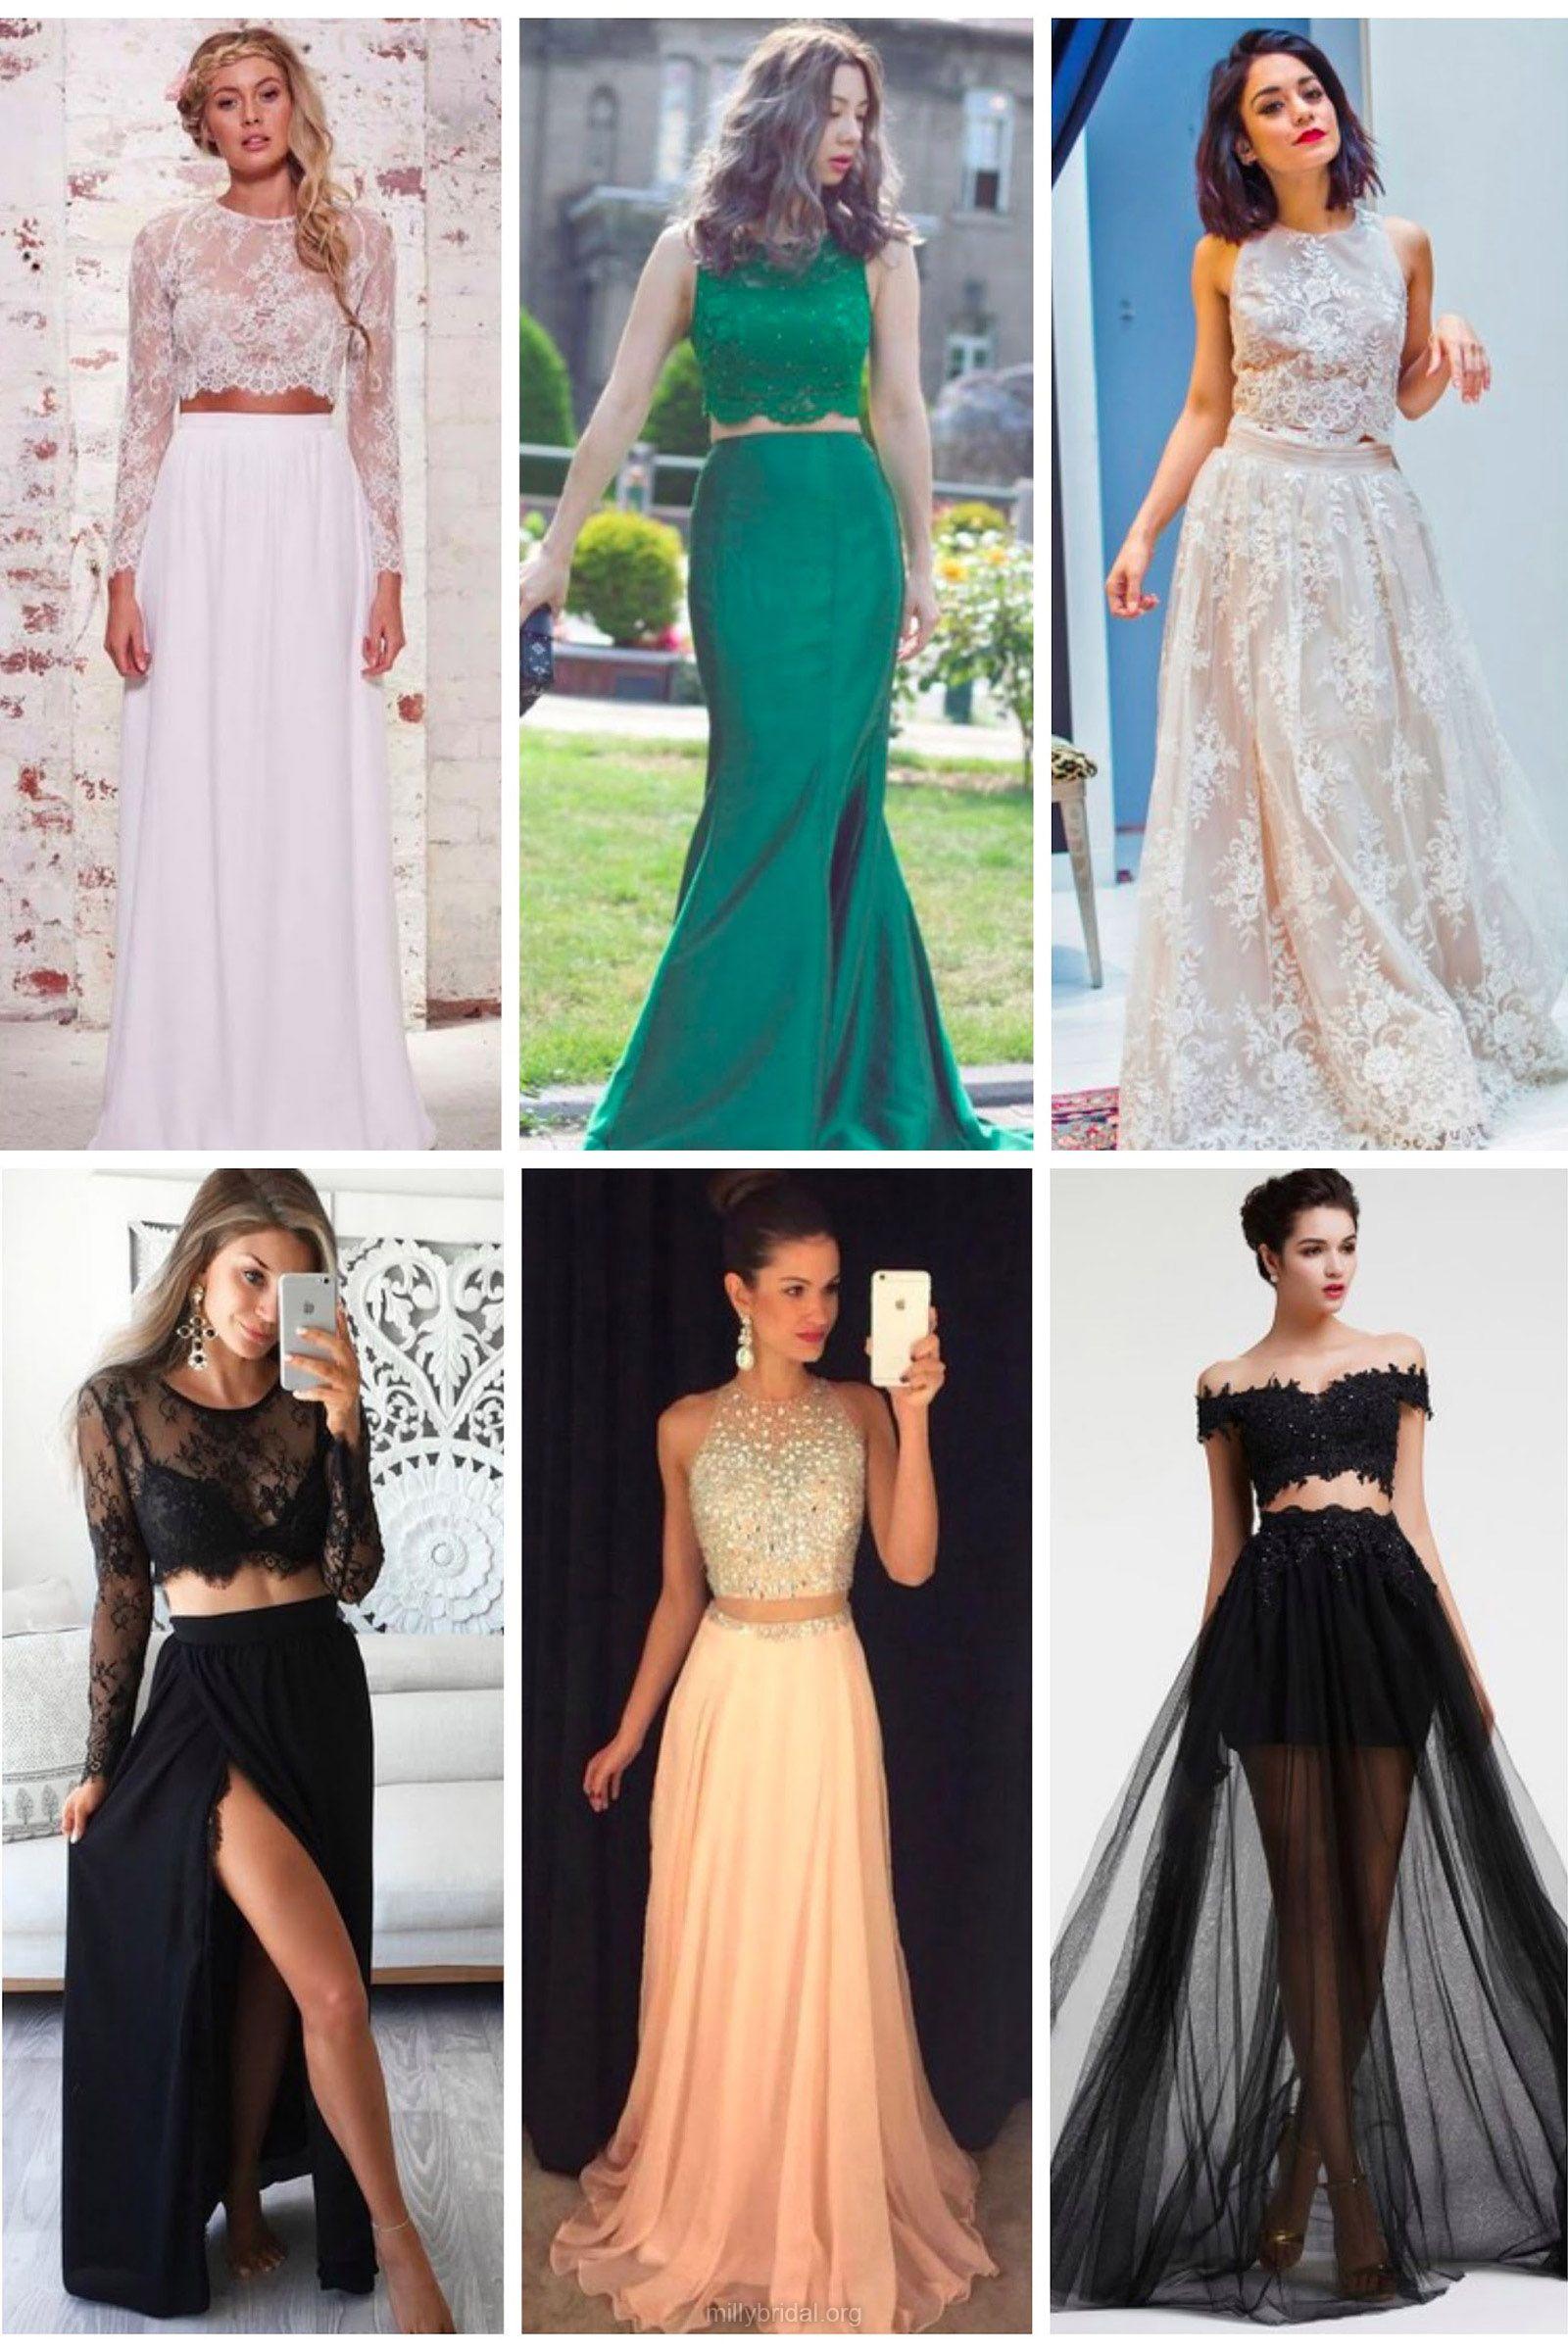 Long prom dresses prom dresses prom gowns prom dresses prom